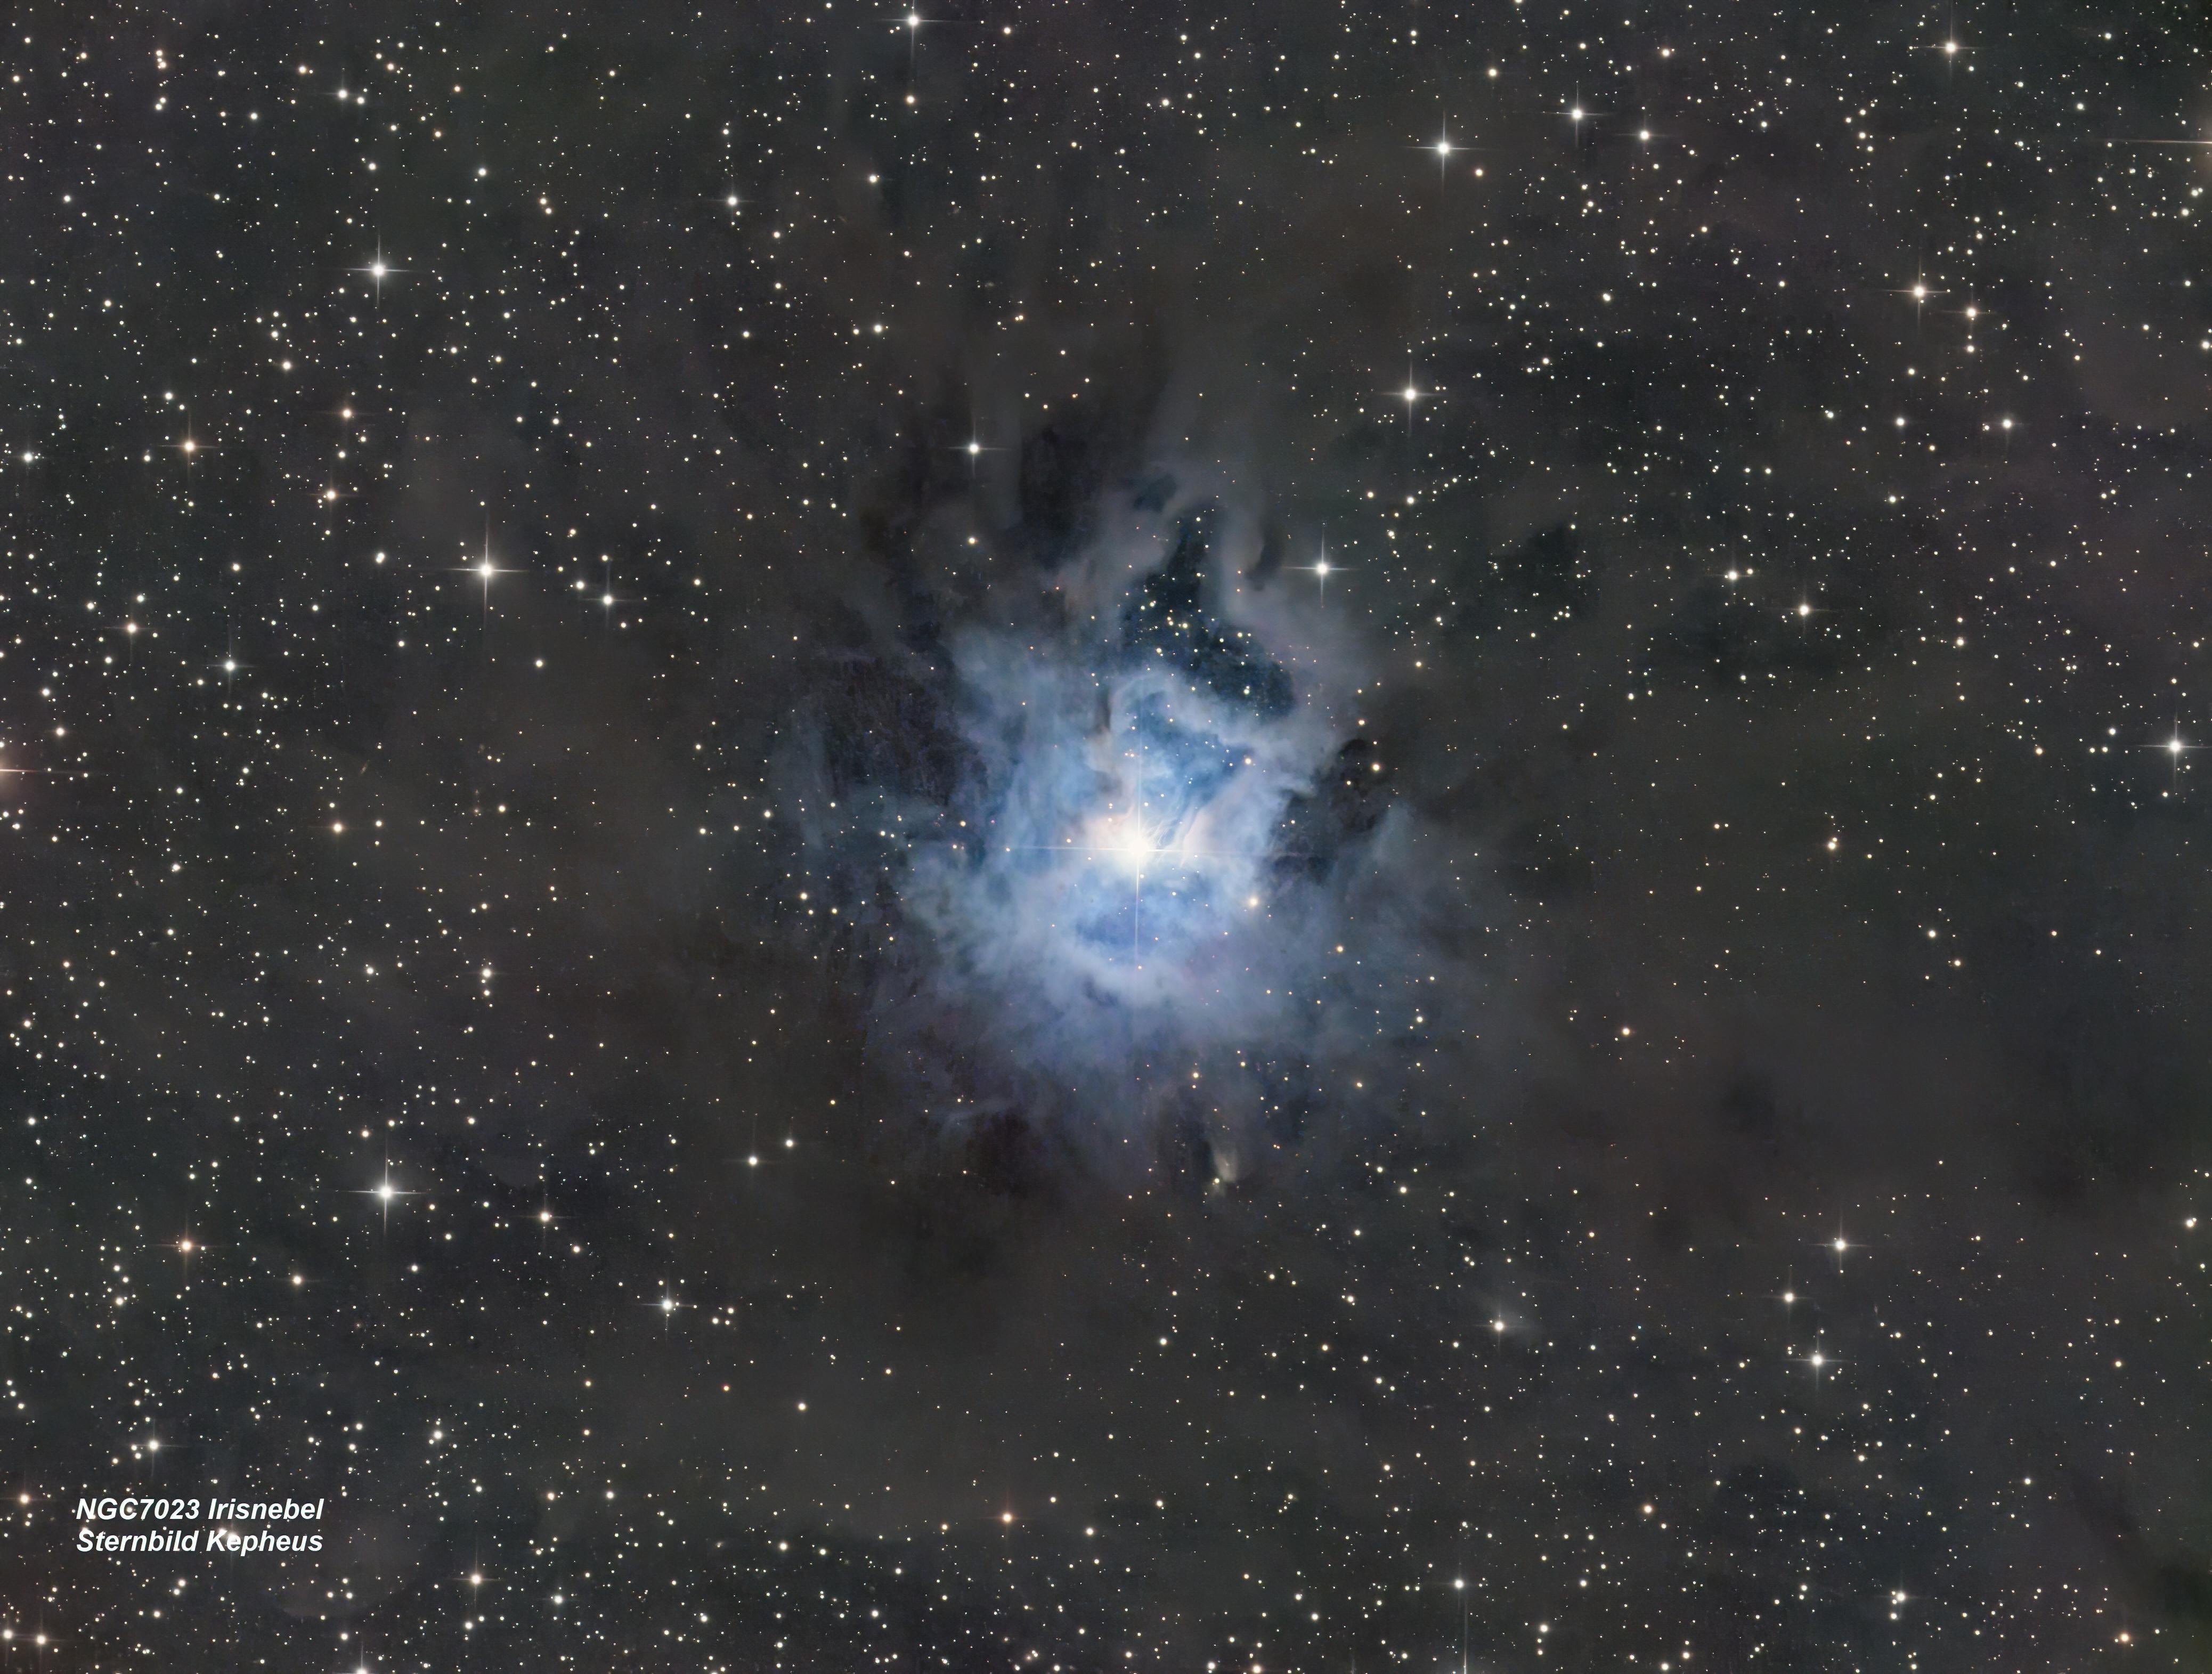 NGC 7023 Irisnebel